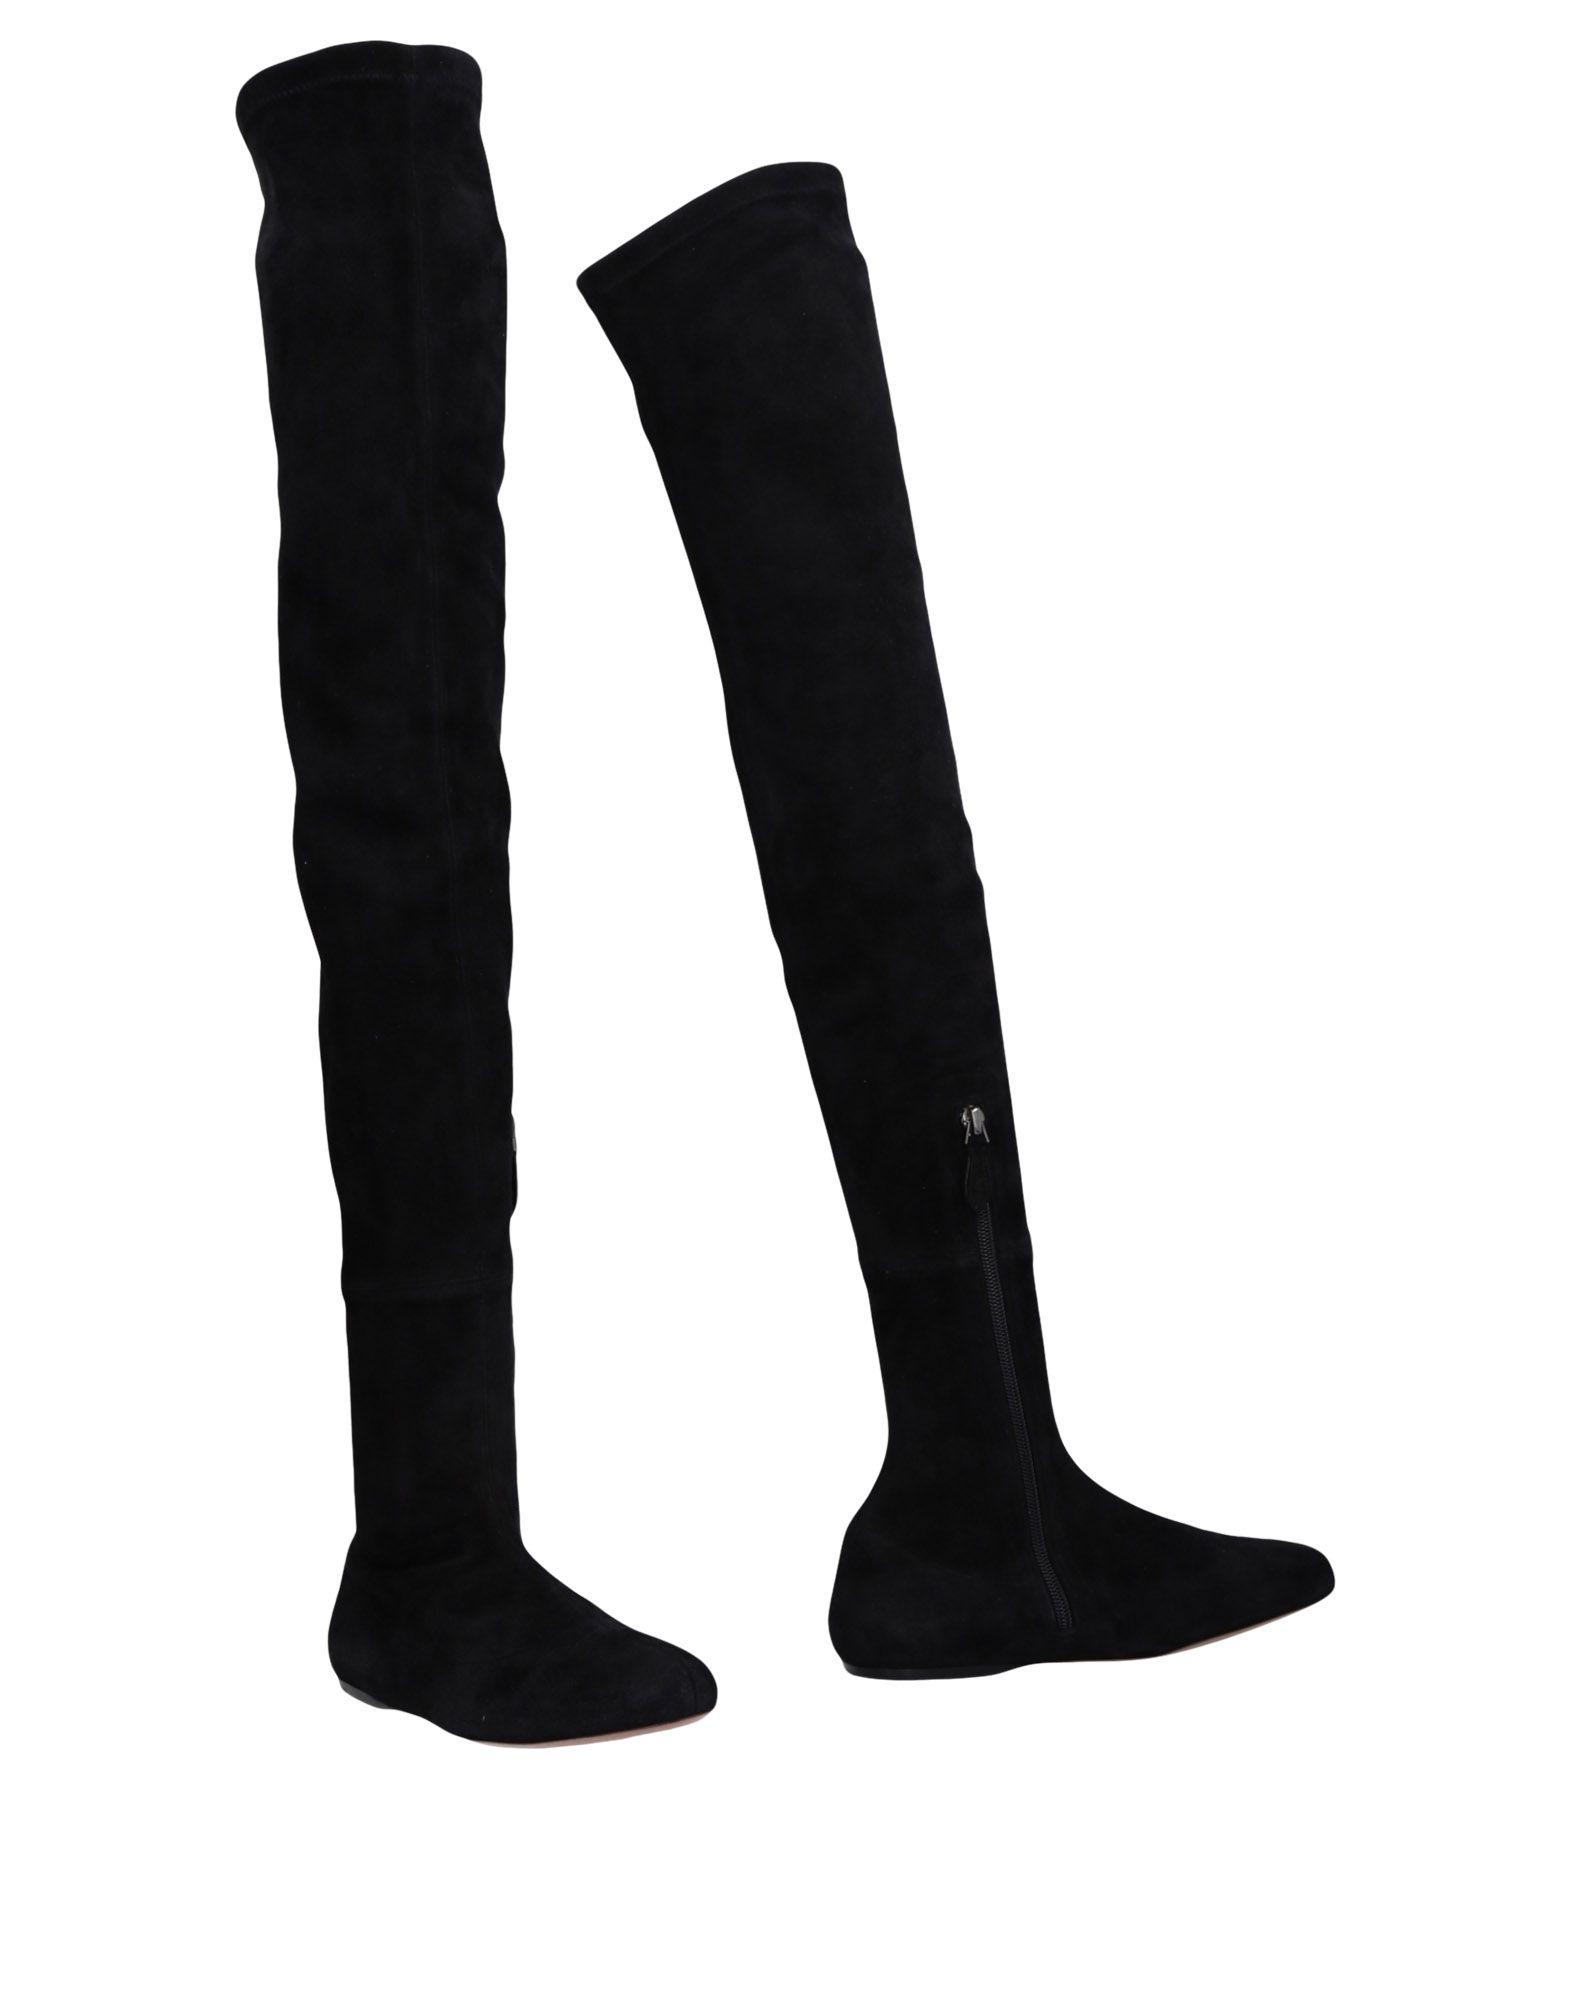 Alaïa Boots - Women Alaïa Boots Boots Boots online on  United Kingdom - 11455931NA 093a87